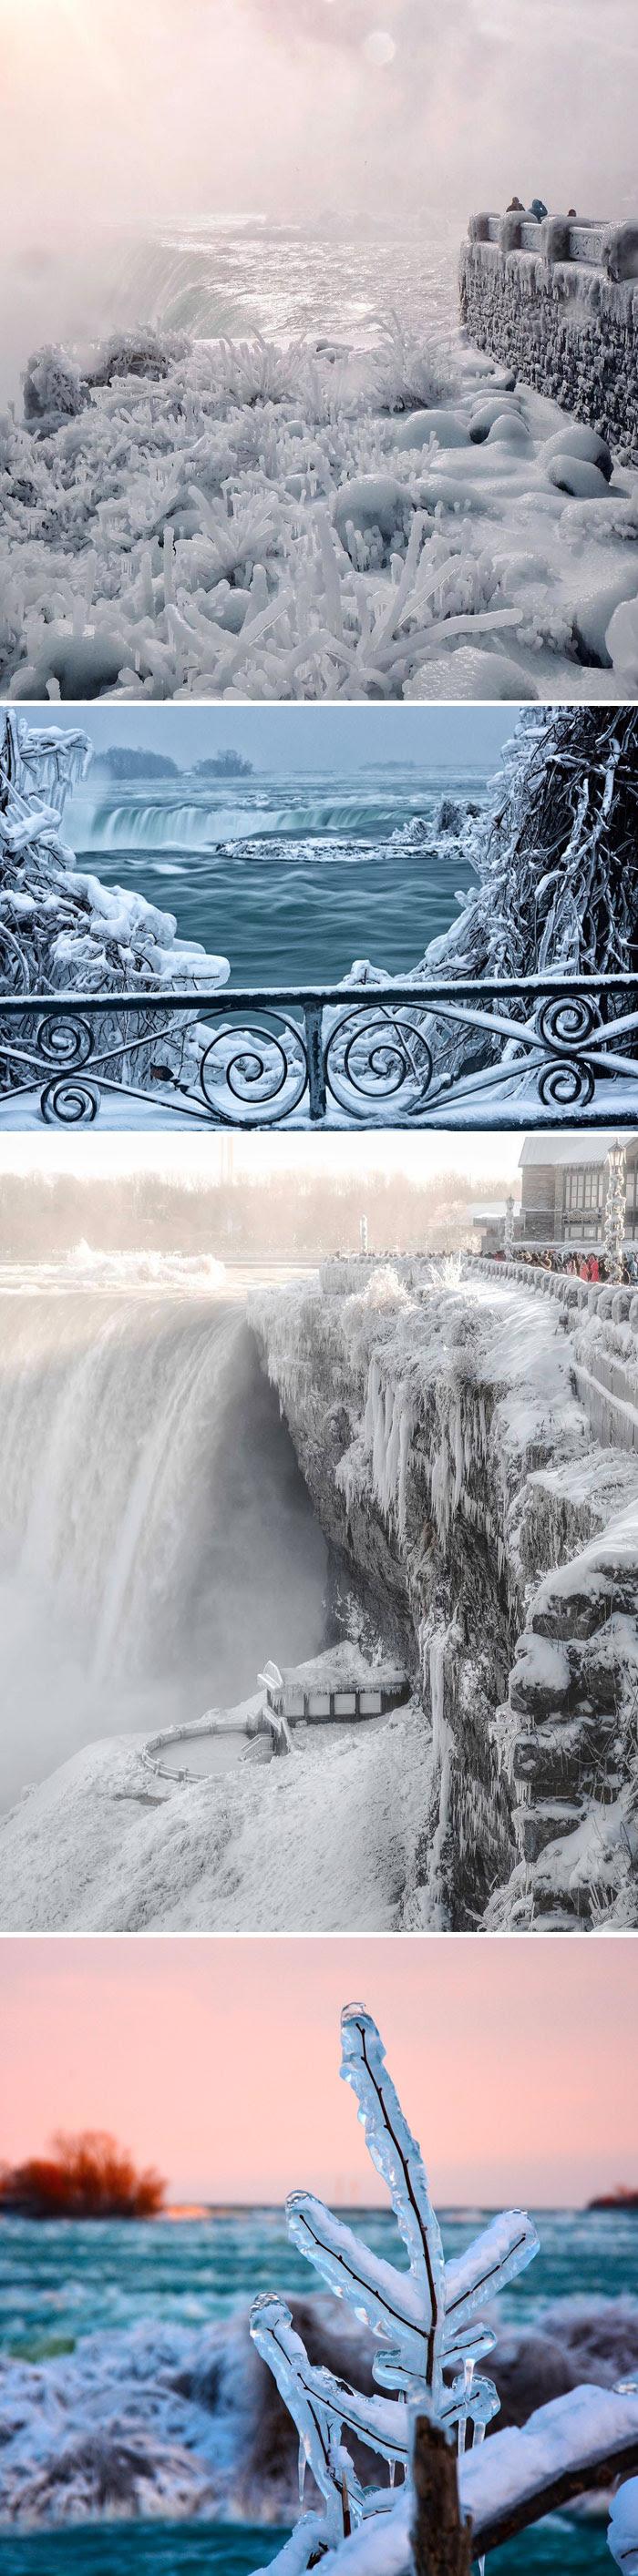 Las cataratas del Niágara parcialmente congeladas